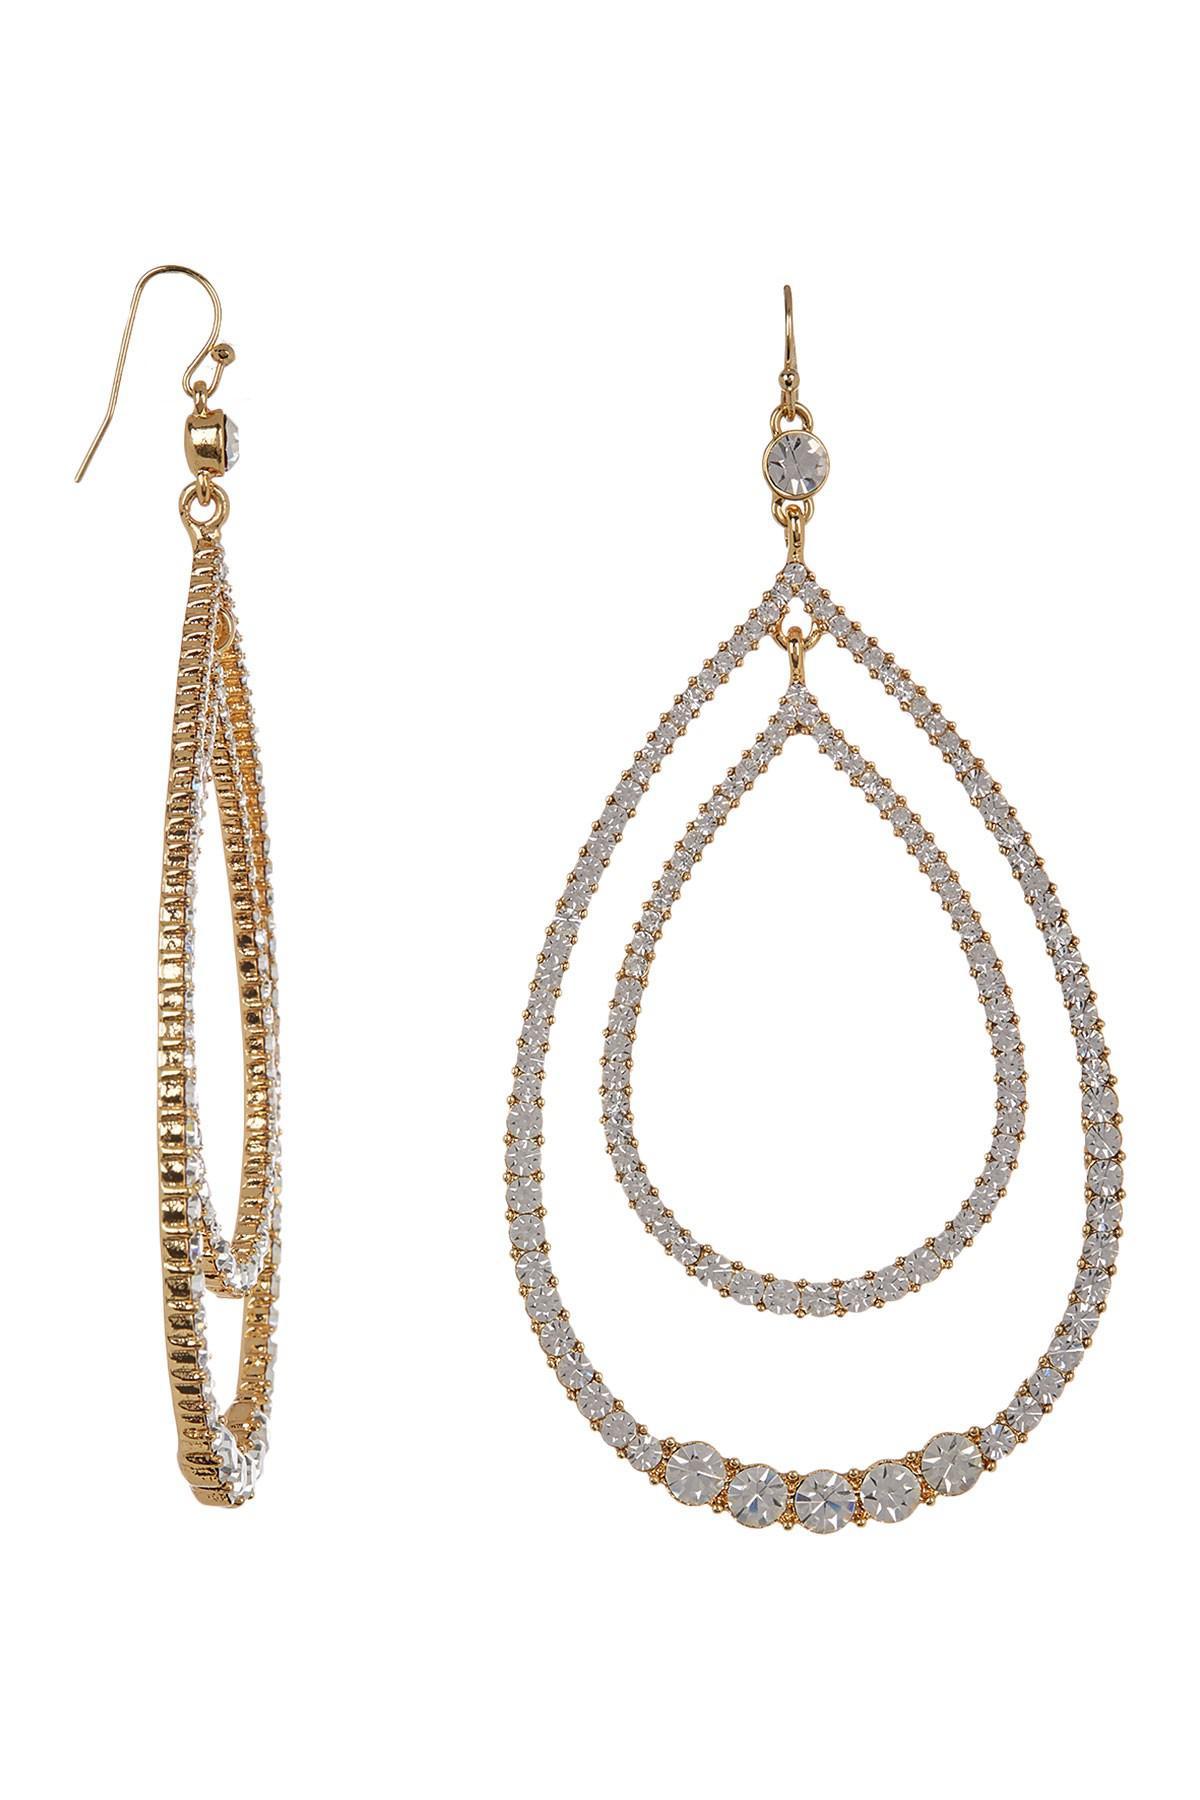 Trina Turk Double Teardrop Earrings idv5wwupr